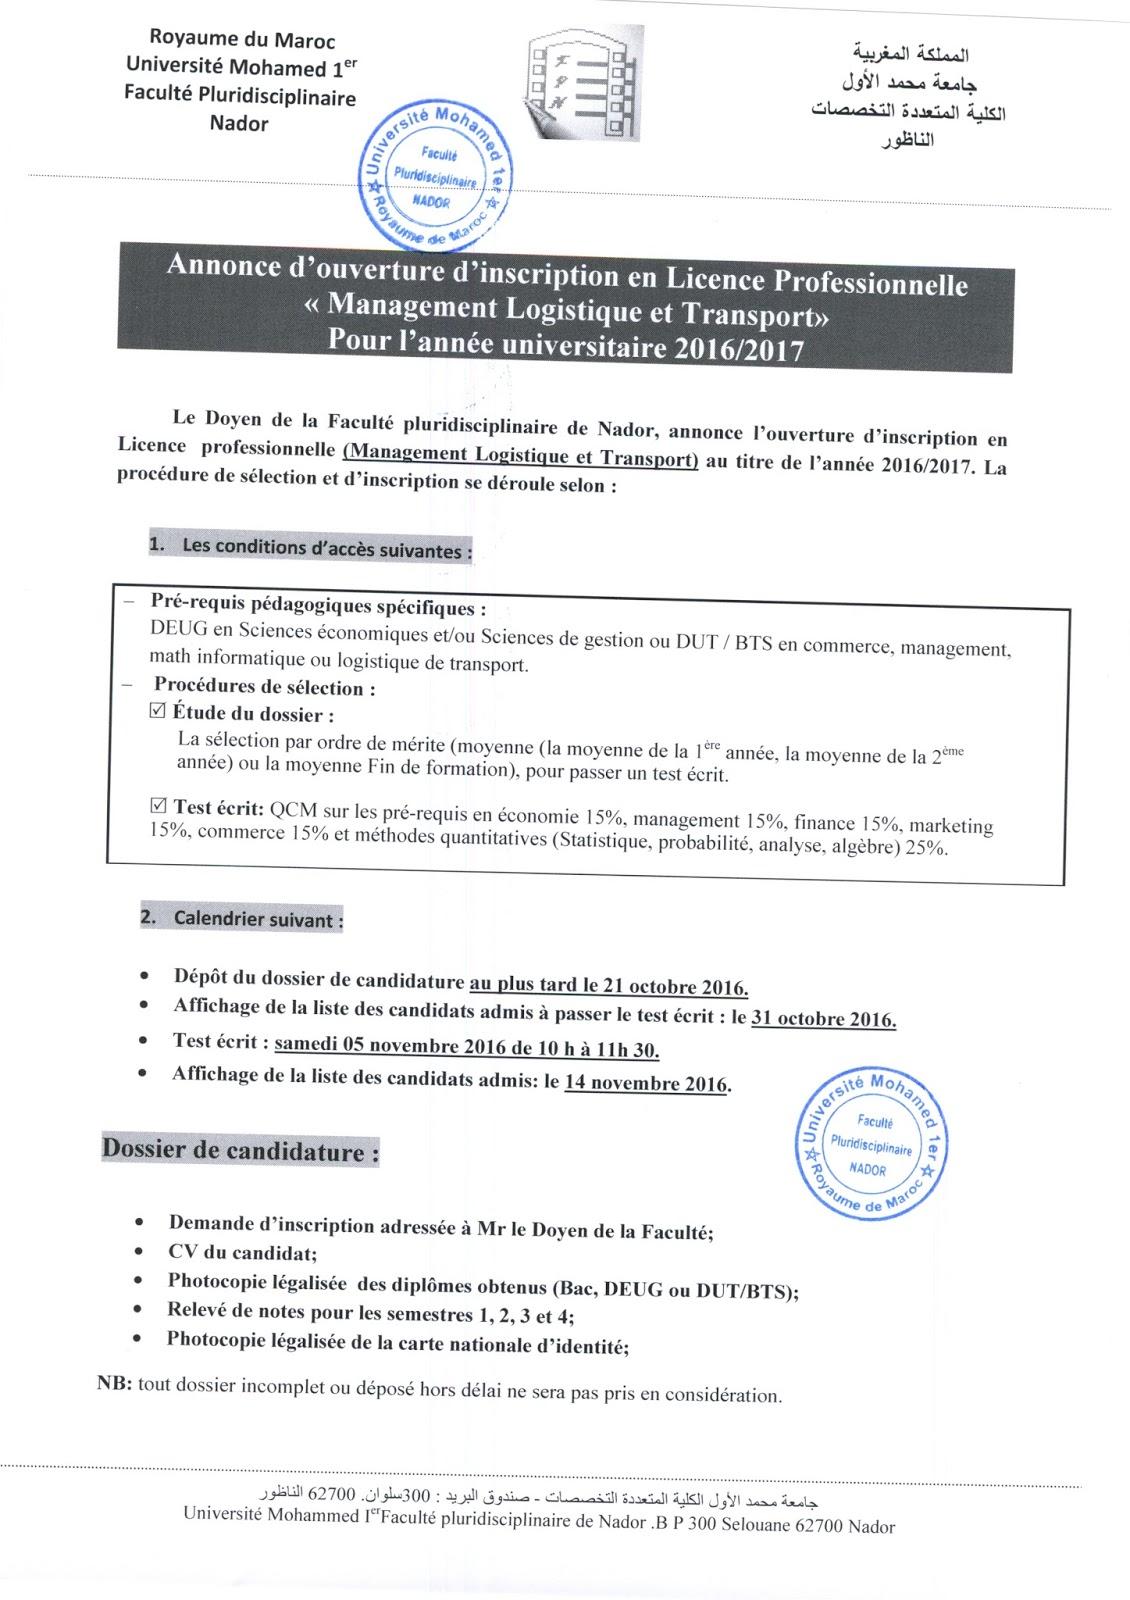 Licences Professionnelles 2016 2017 à La Fp Nador Licence